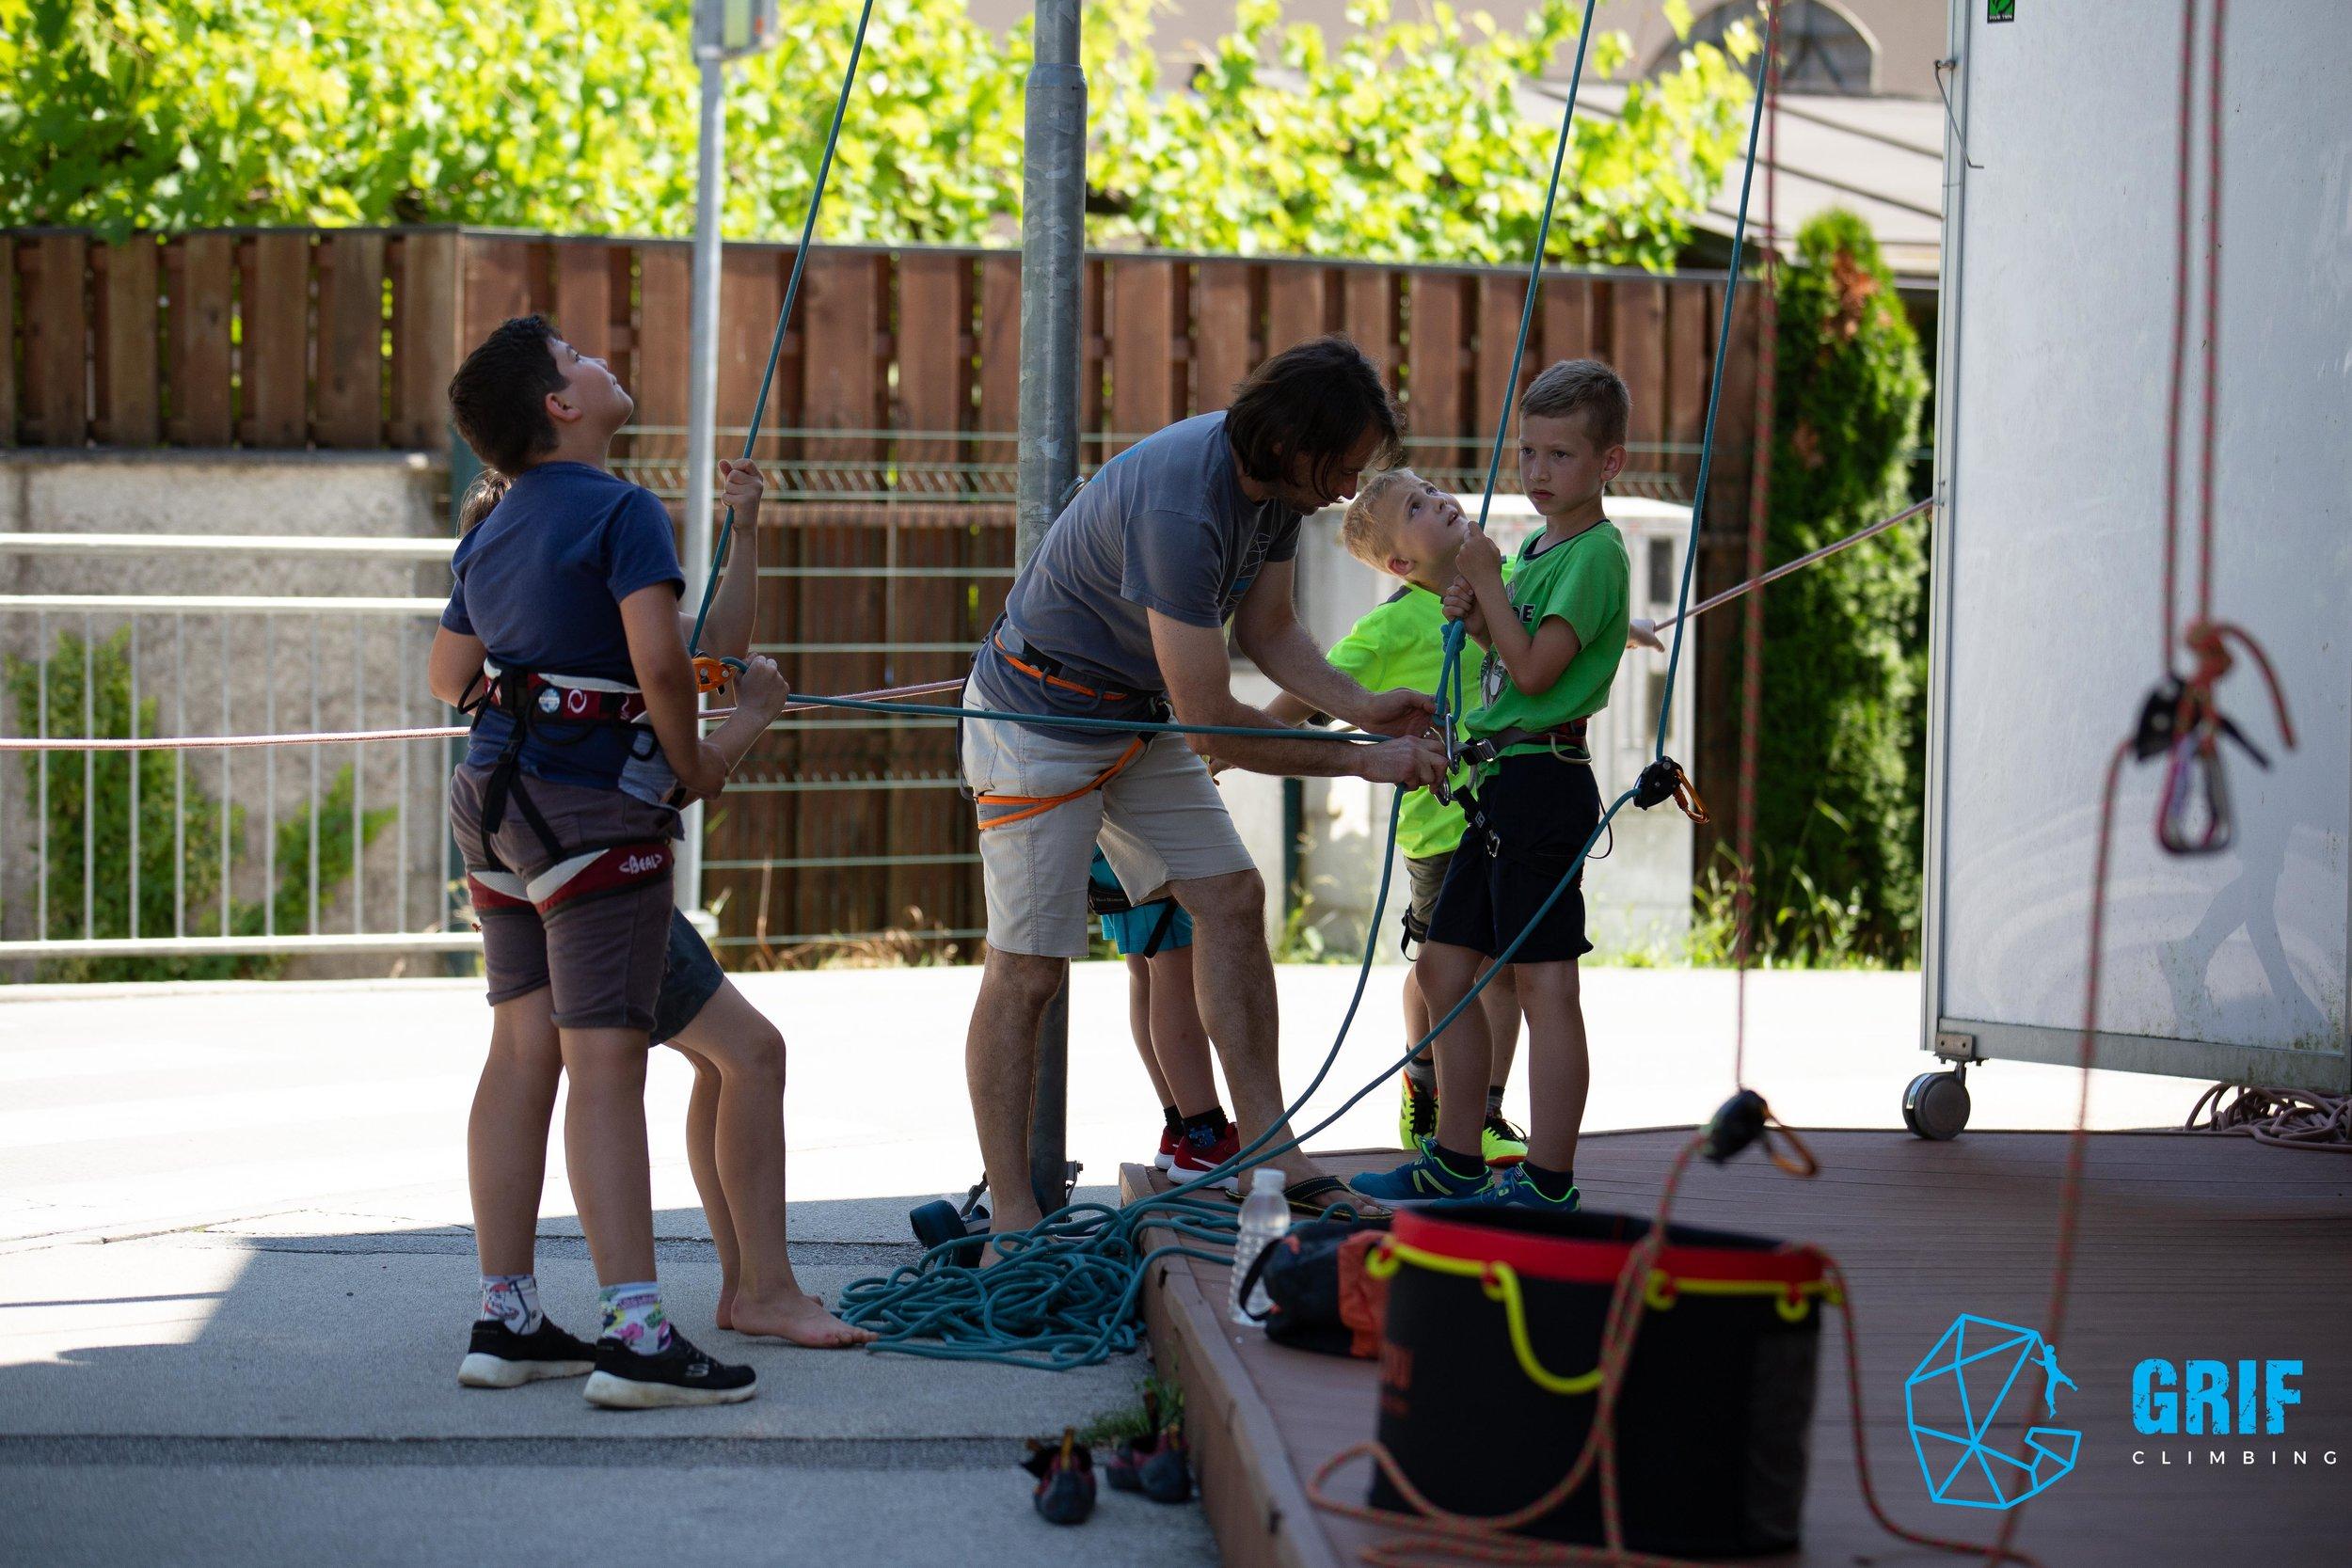 Aktivno počitniško varstvo za otroke Plezalno društvo Grif117.jpg